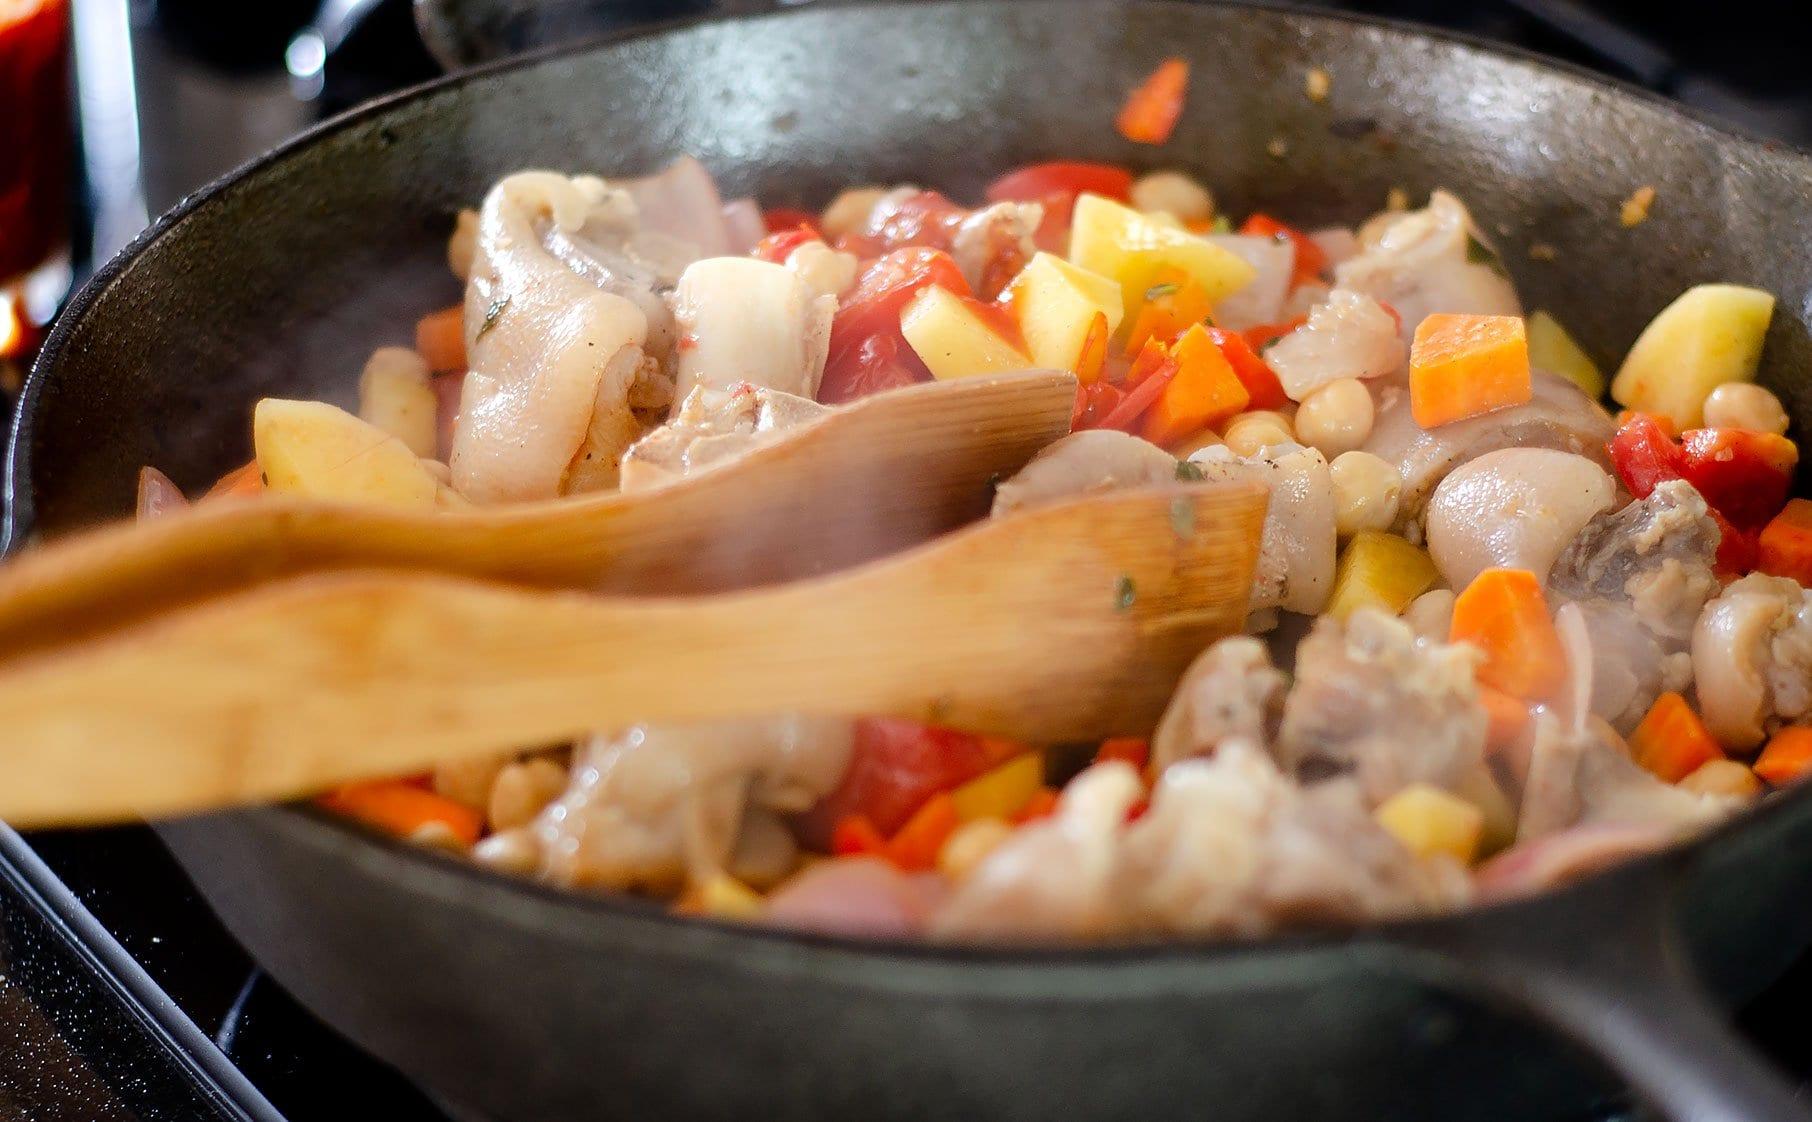 Sofriendo los vegetales y carne